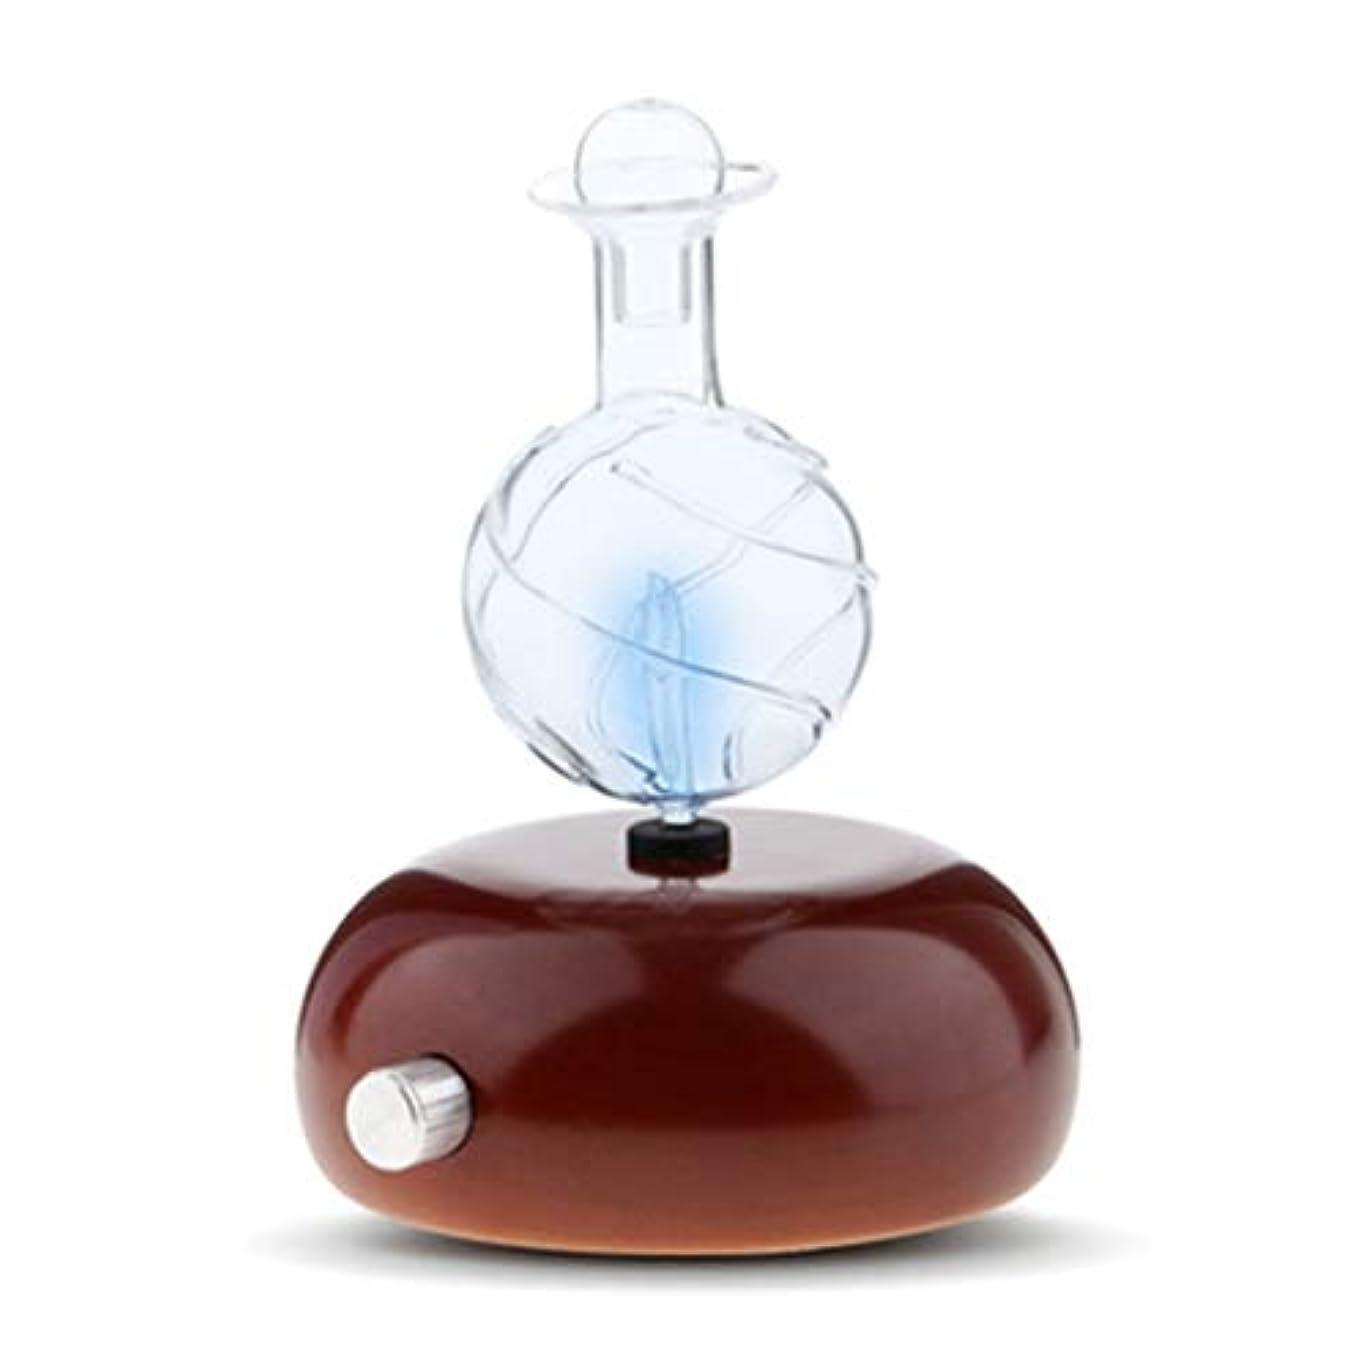 いま詩盆地タッチセンサーライトスイッチが付いている純粋な本質的な拡散器を霧化しなさい優れた家及び専門の使用、熱無し、水無し、プラスチック無し (Color : Dark wood grain)